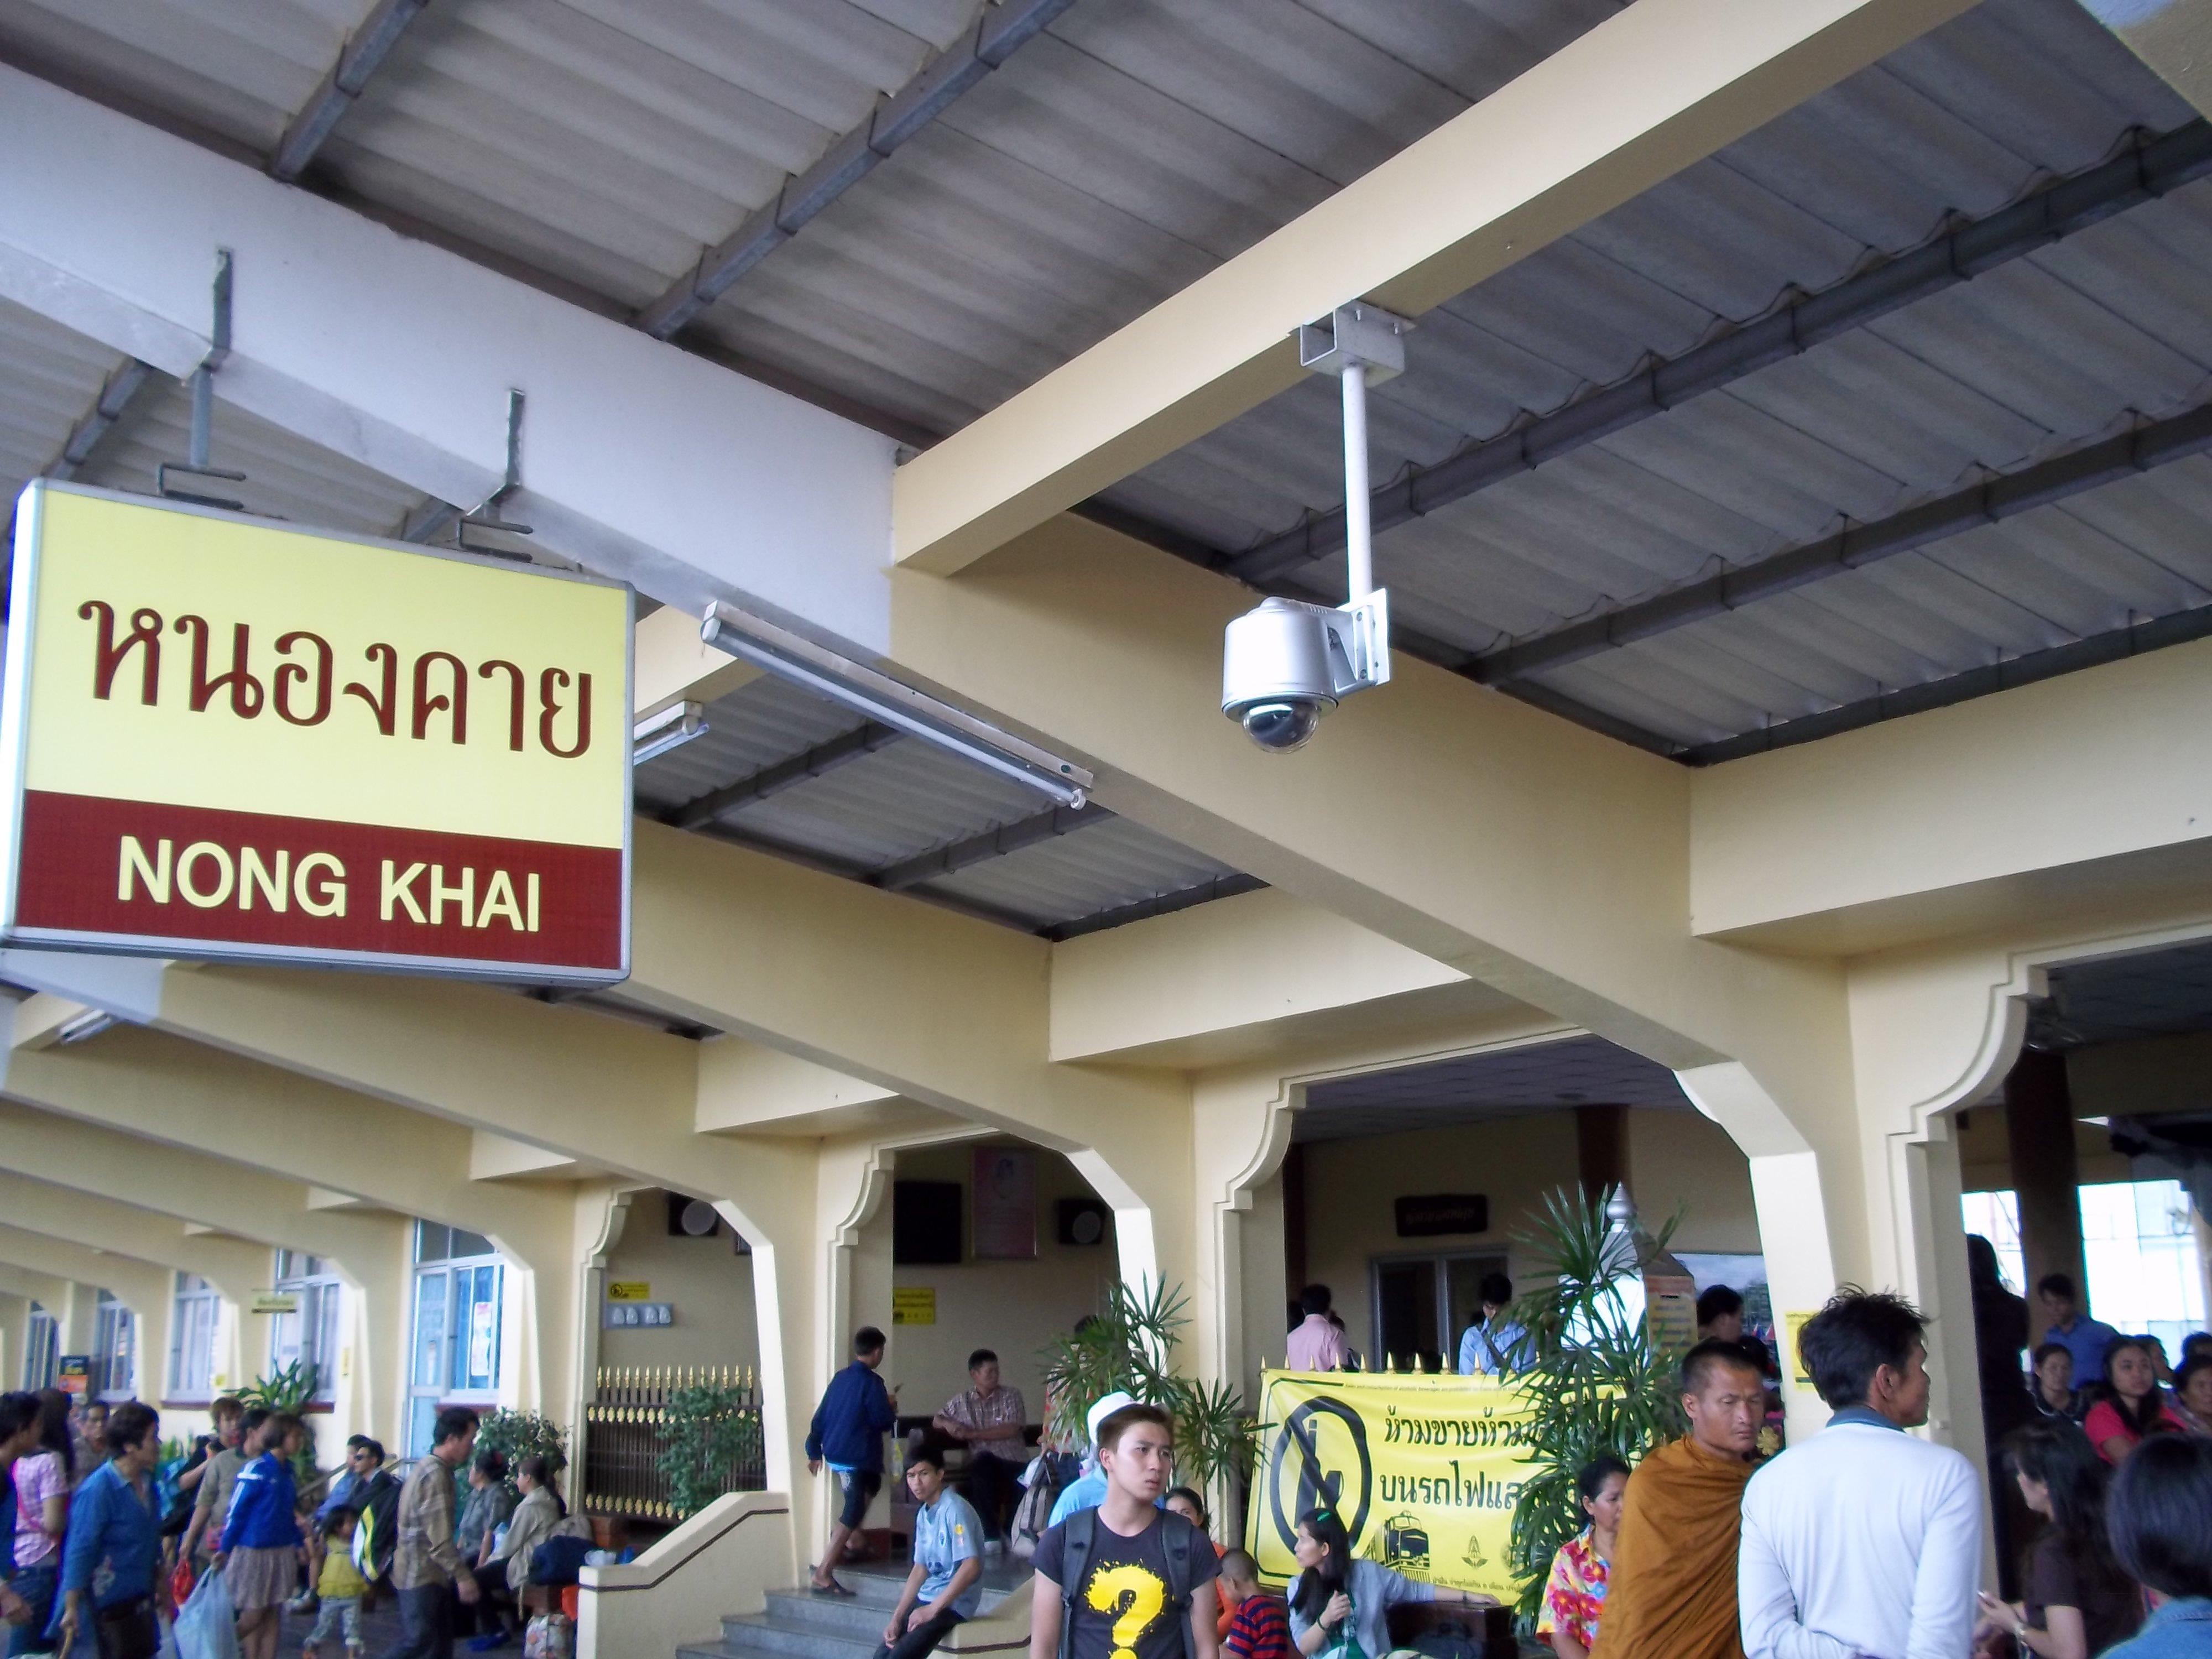 Platform 1 at Nong Khai Train Station